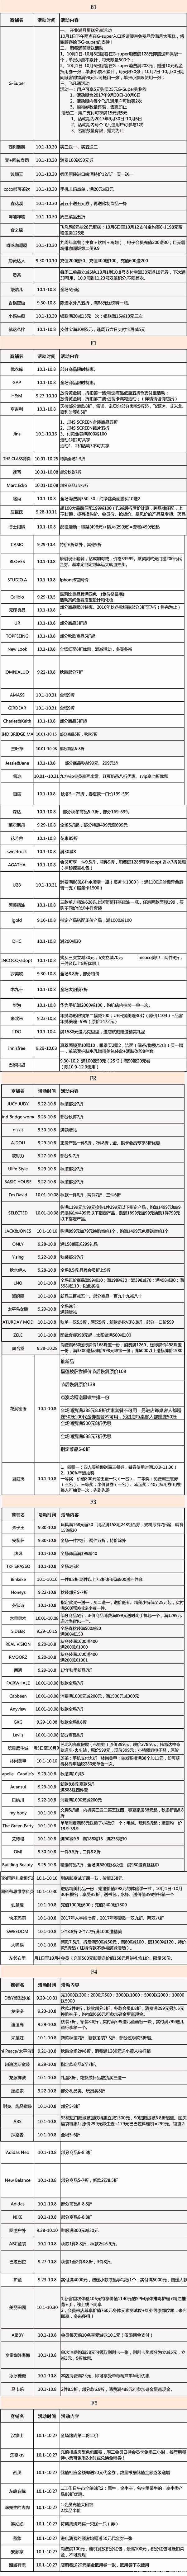 昆山九方城十一国庆中秋及近期活动总览